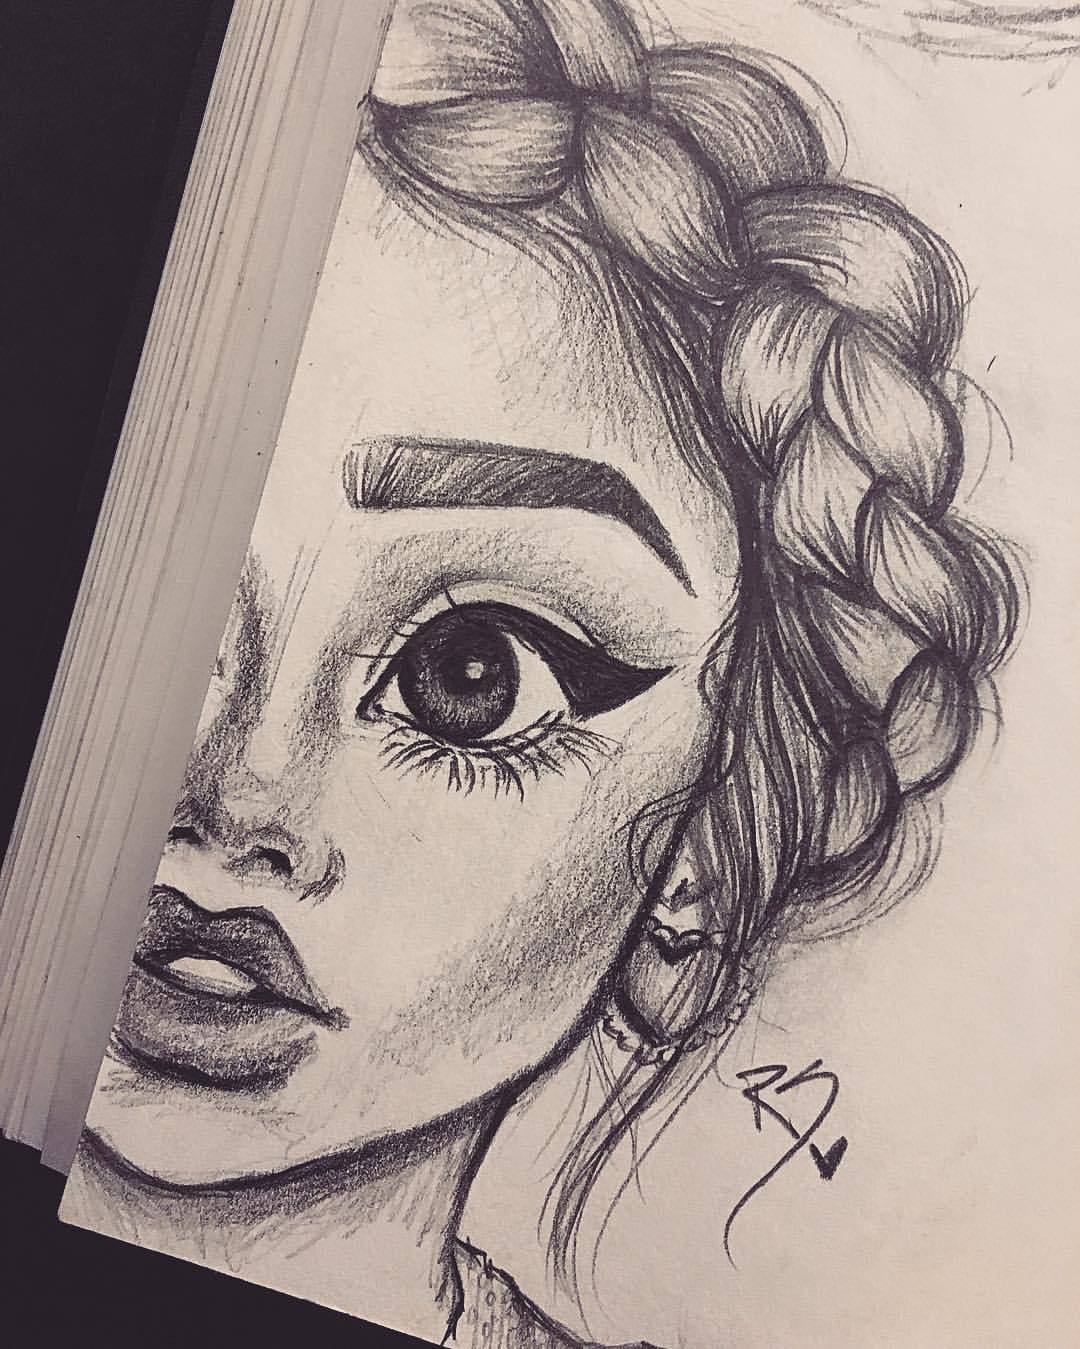 арты для рисования карандашом очень легко и красиво света лечении